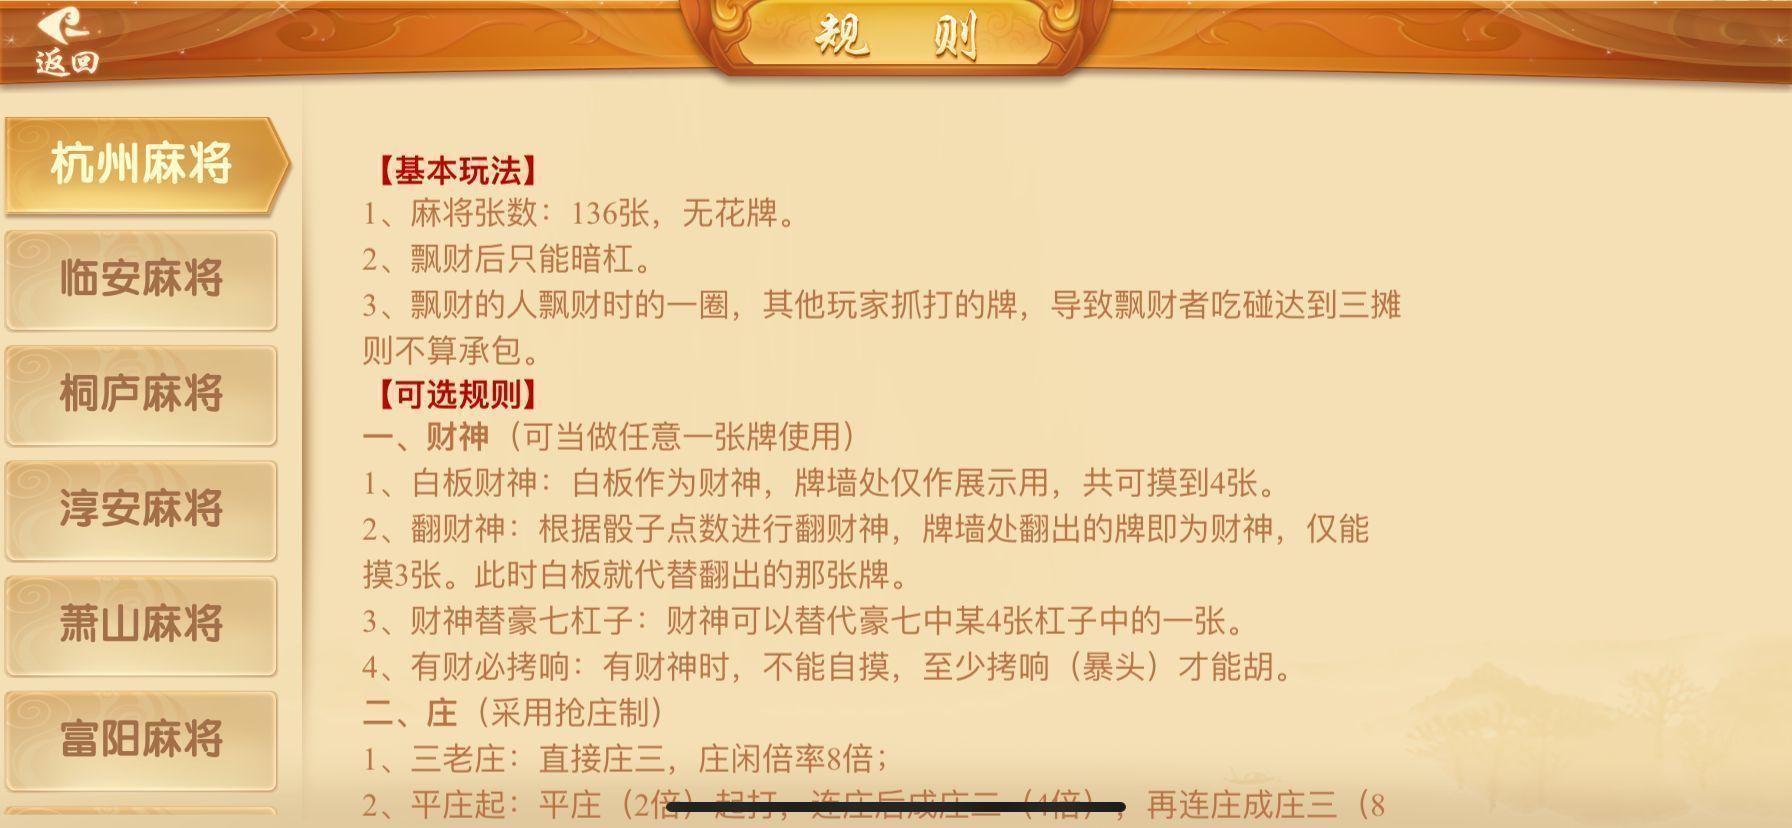 浙江游戏大厅温州熟客麻将 v1.0.2 第3张